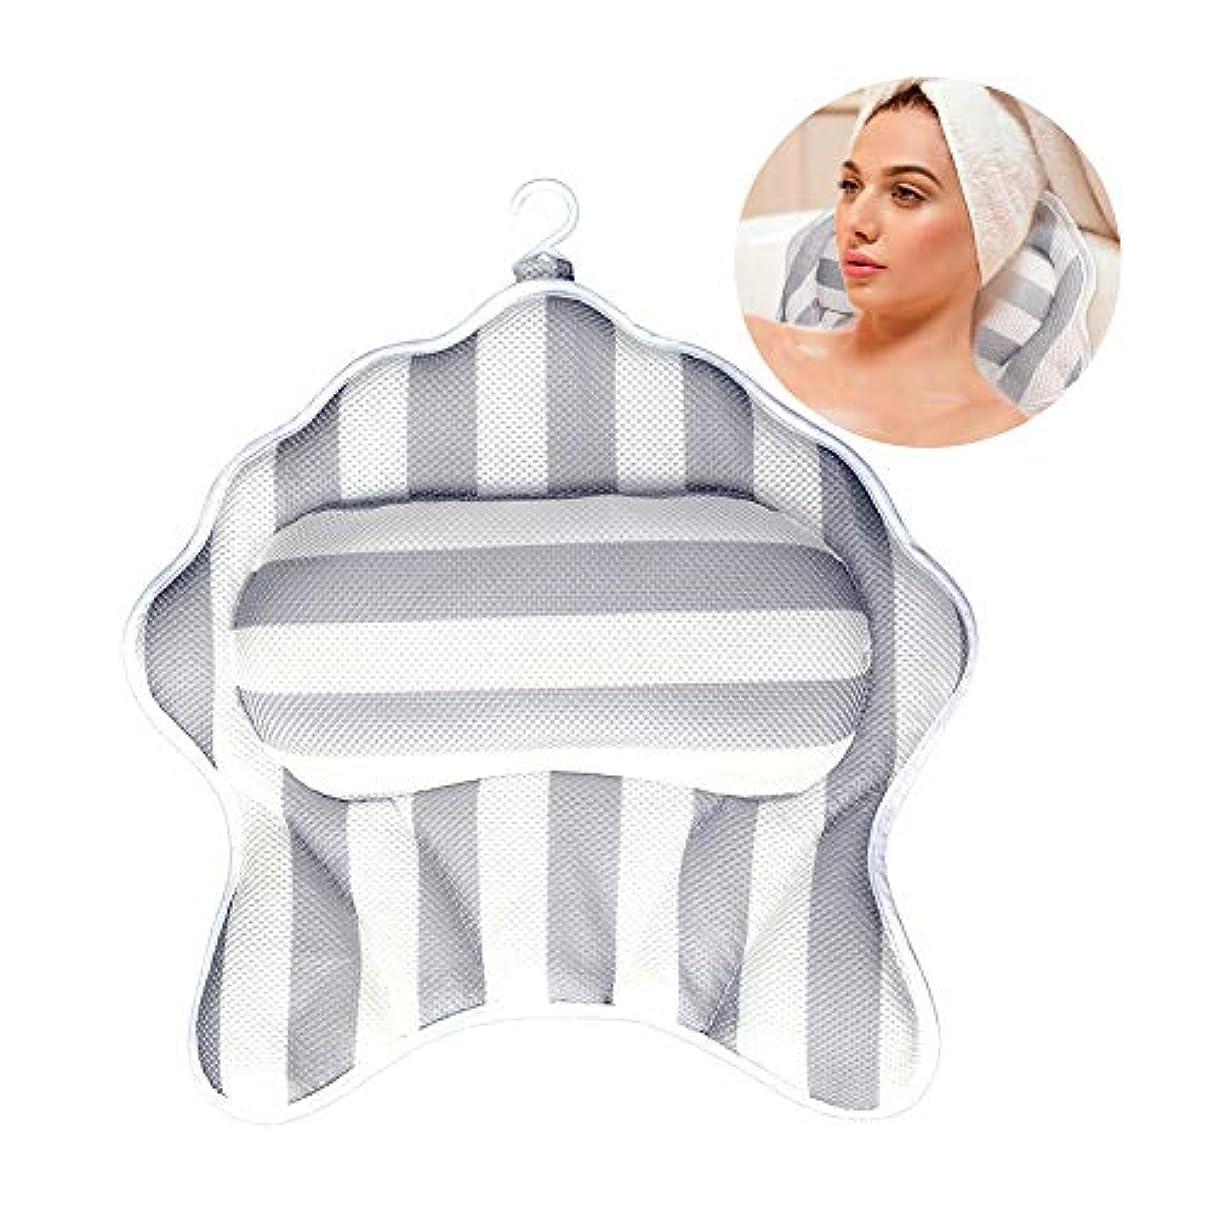 騒乱アカデミー迫害3dメッシュヒトデスパマッサージバスタブ枕浴室枕クッションwith6強い吸引カップは洗濯機で洗えます